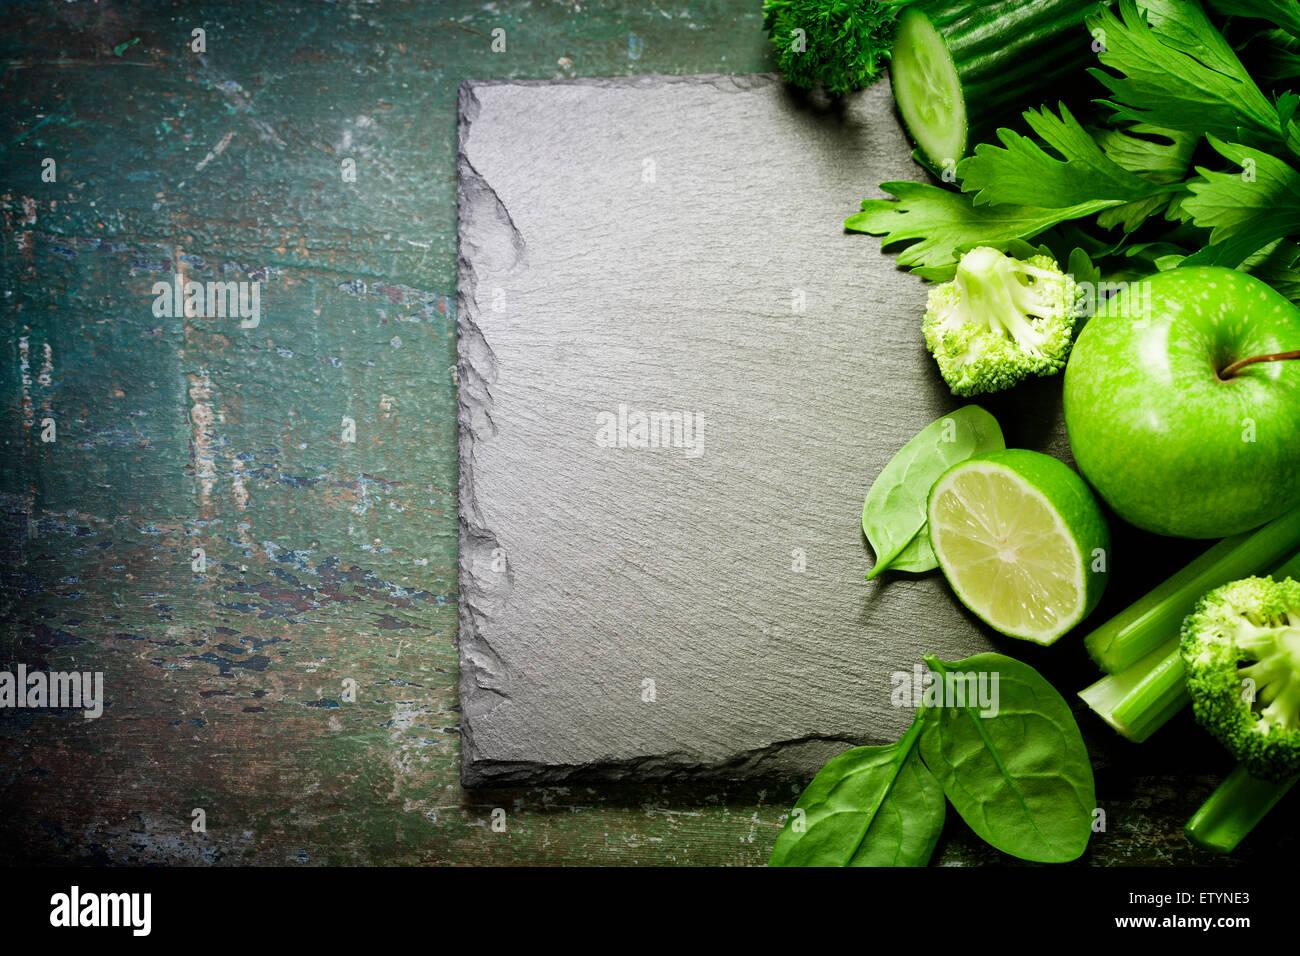 Les légumes verts frais sur vintage - détox, régime alimentaire ou l'alimentation saine notion Photo Stock